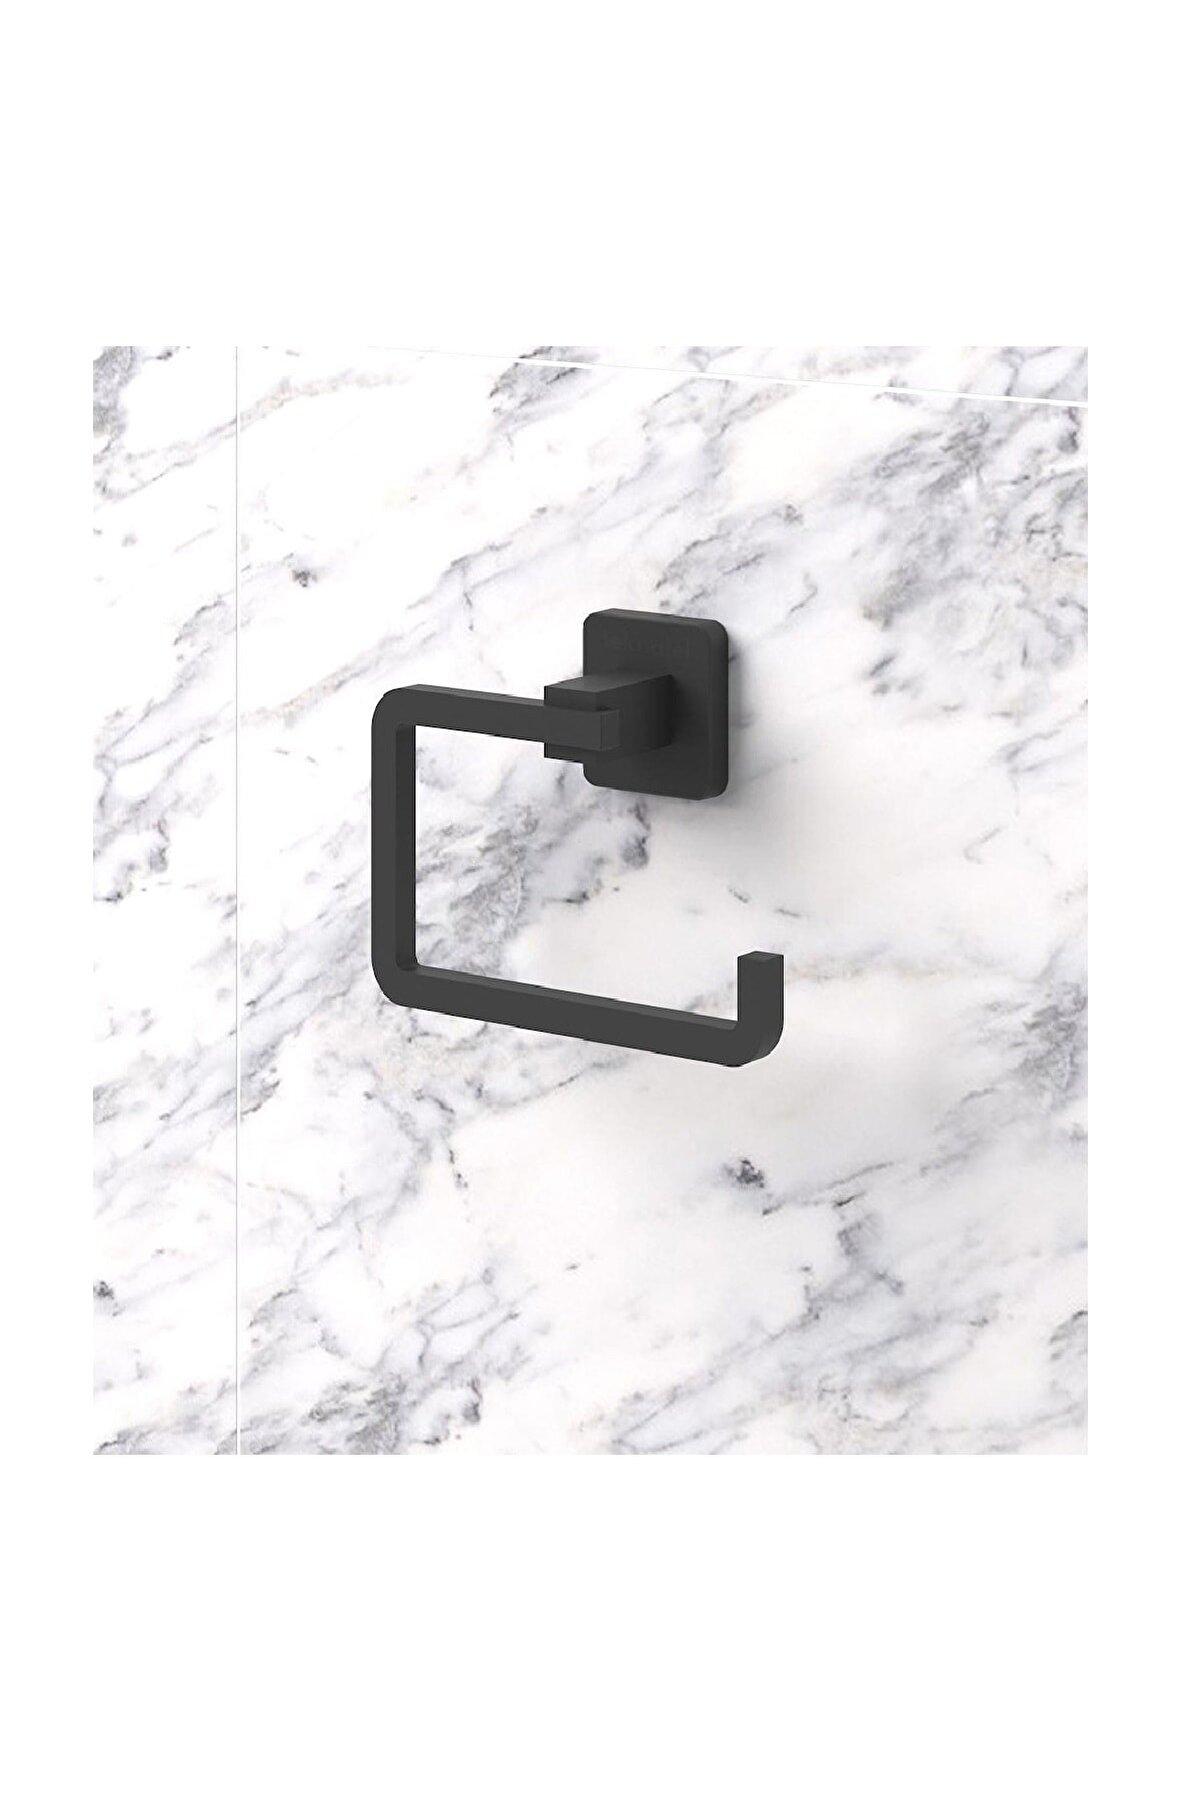 Alz Banyo Kare Mat Siyah Tuvalet Kağıtlığı - Kağıtlık